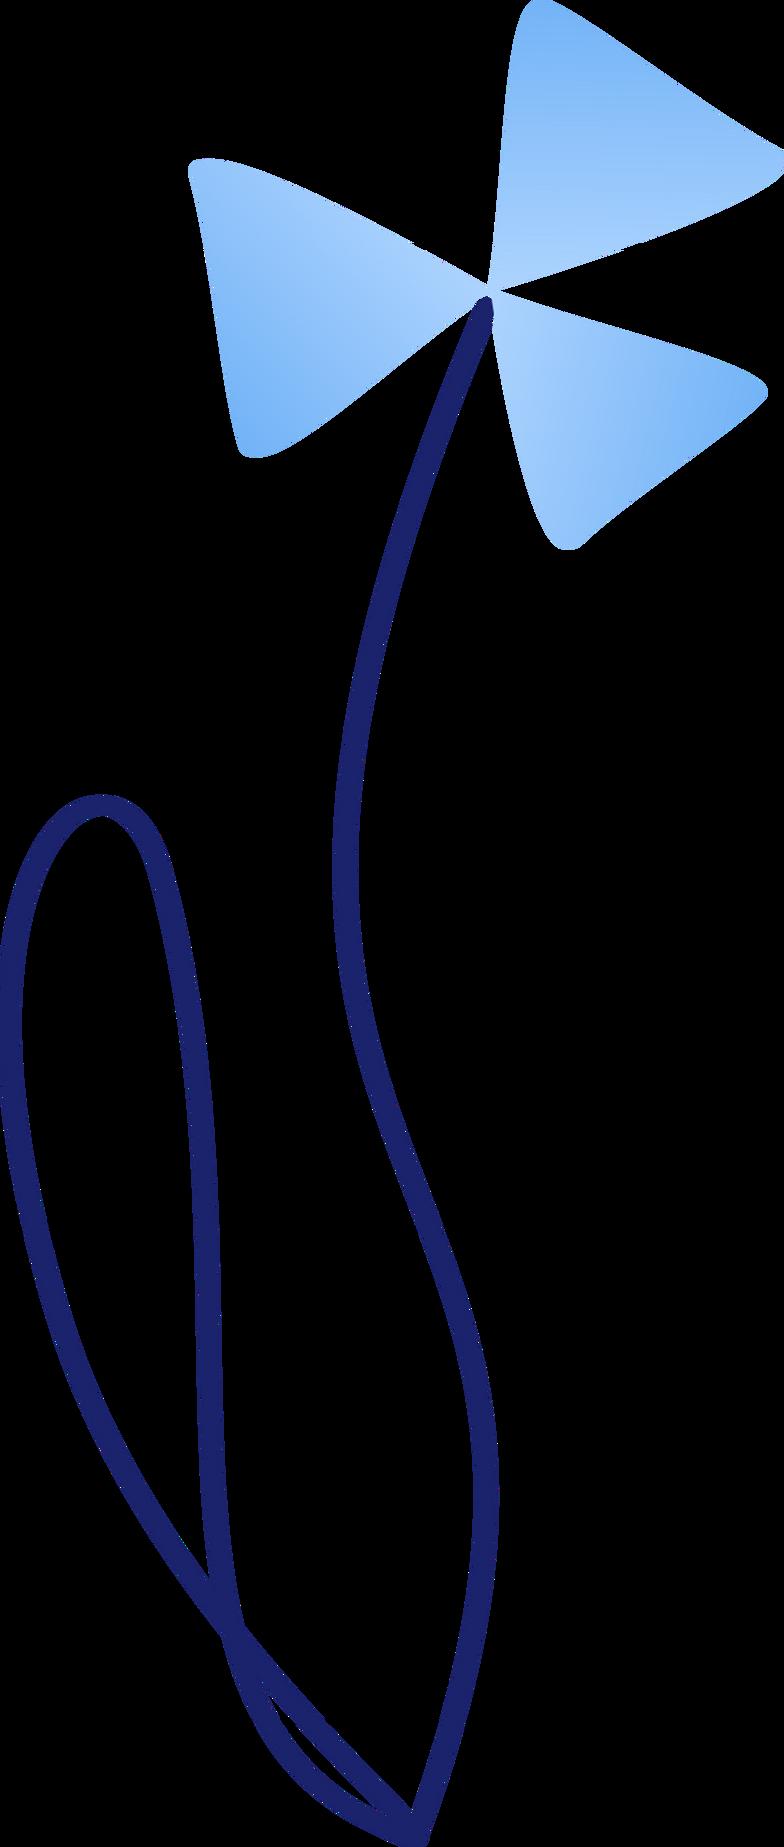 Immagine Vettoriale fiore in PNG e SVG in stile  | Illustrazioni Icons8